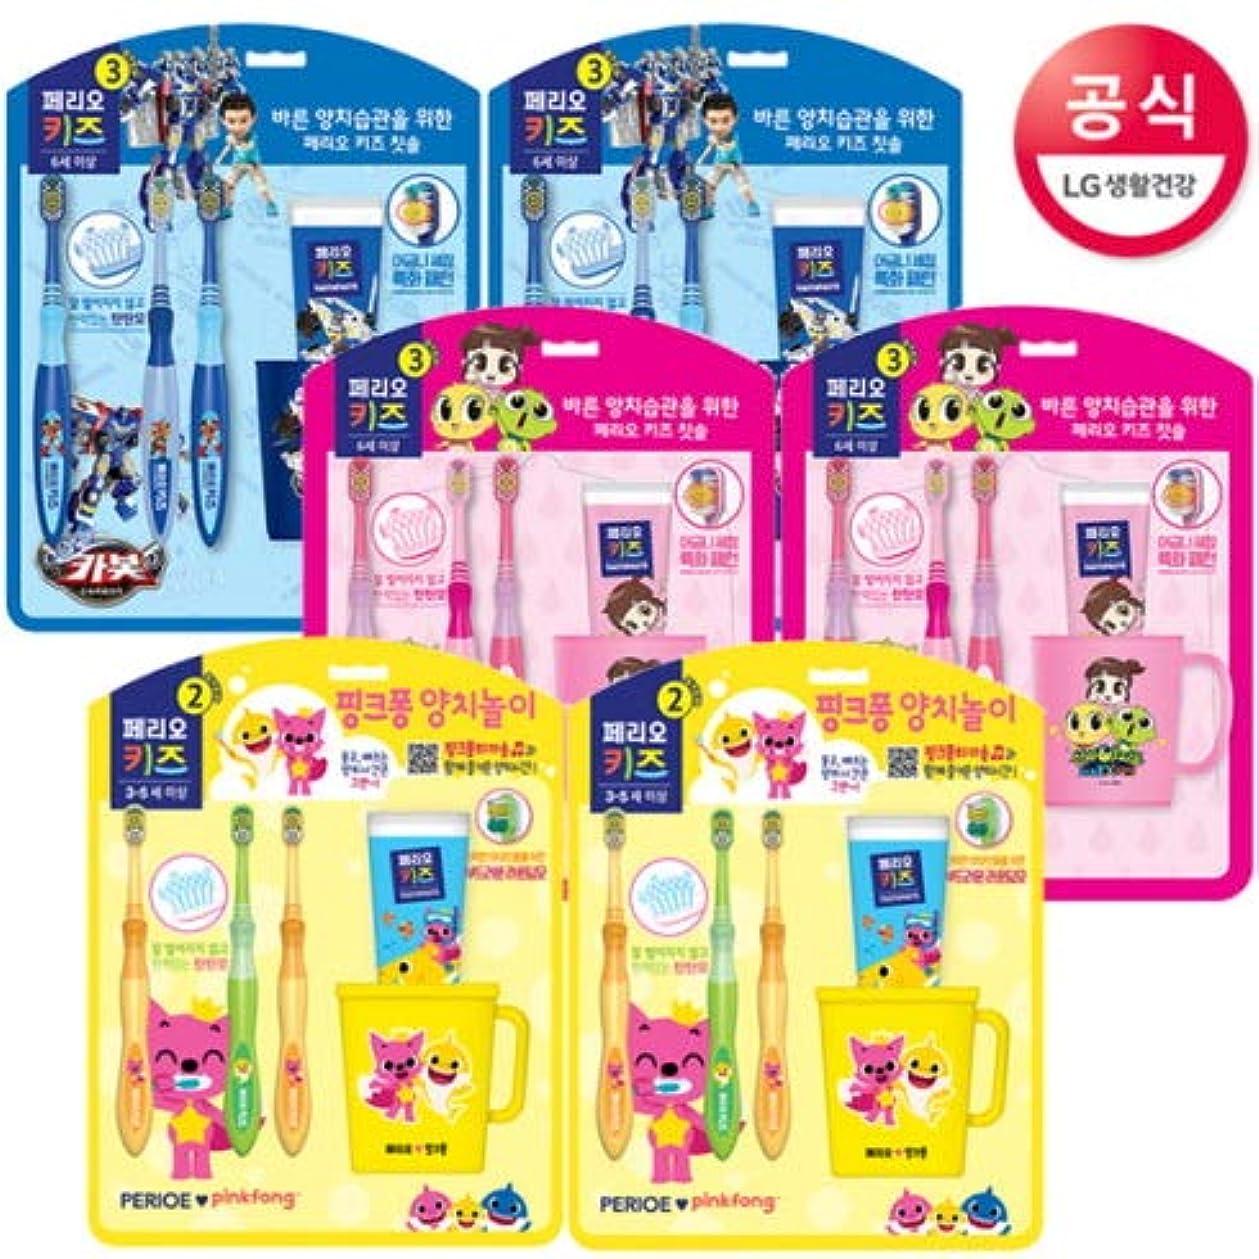 アクセントシャット摂氏[LG HnB] Perio Kids Brushing Set /ペリオ子供シダセットx6個(海外直送品)